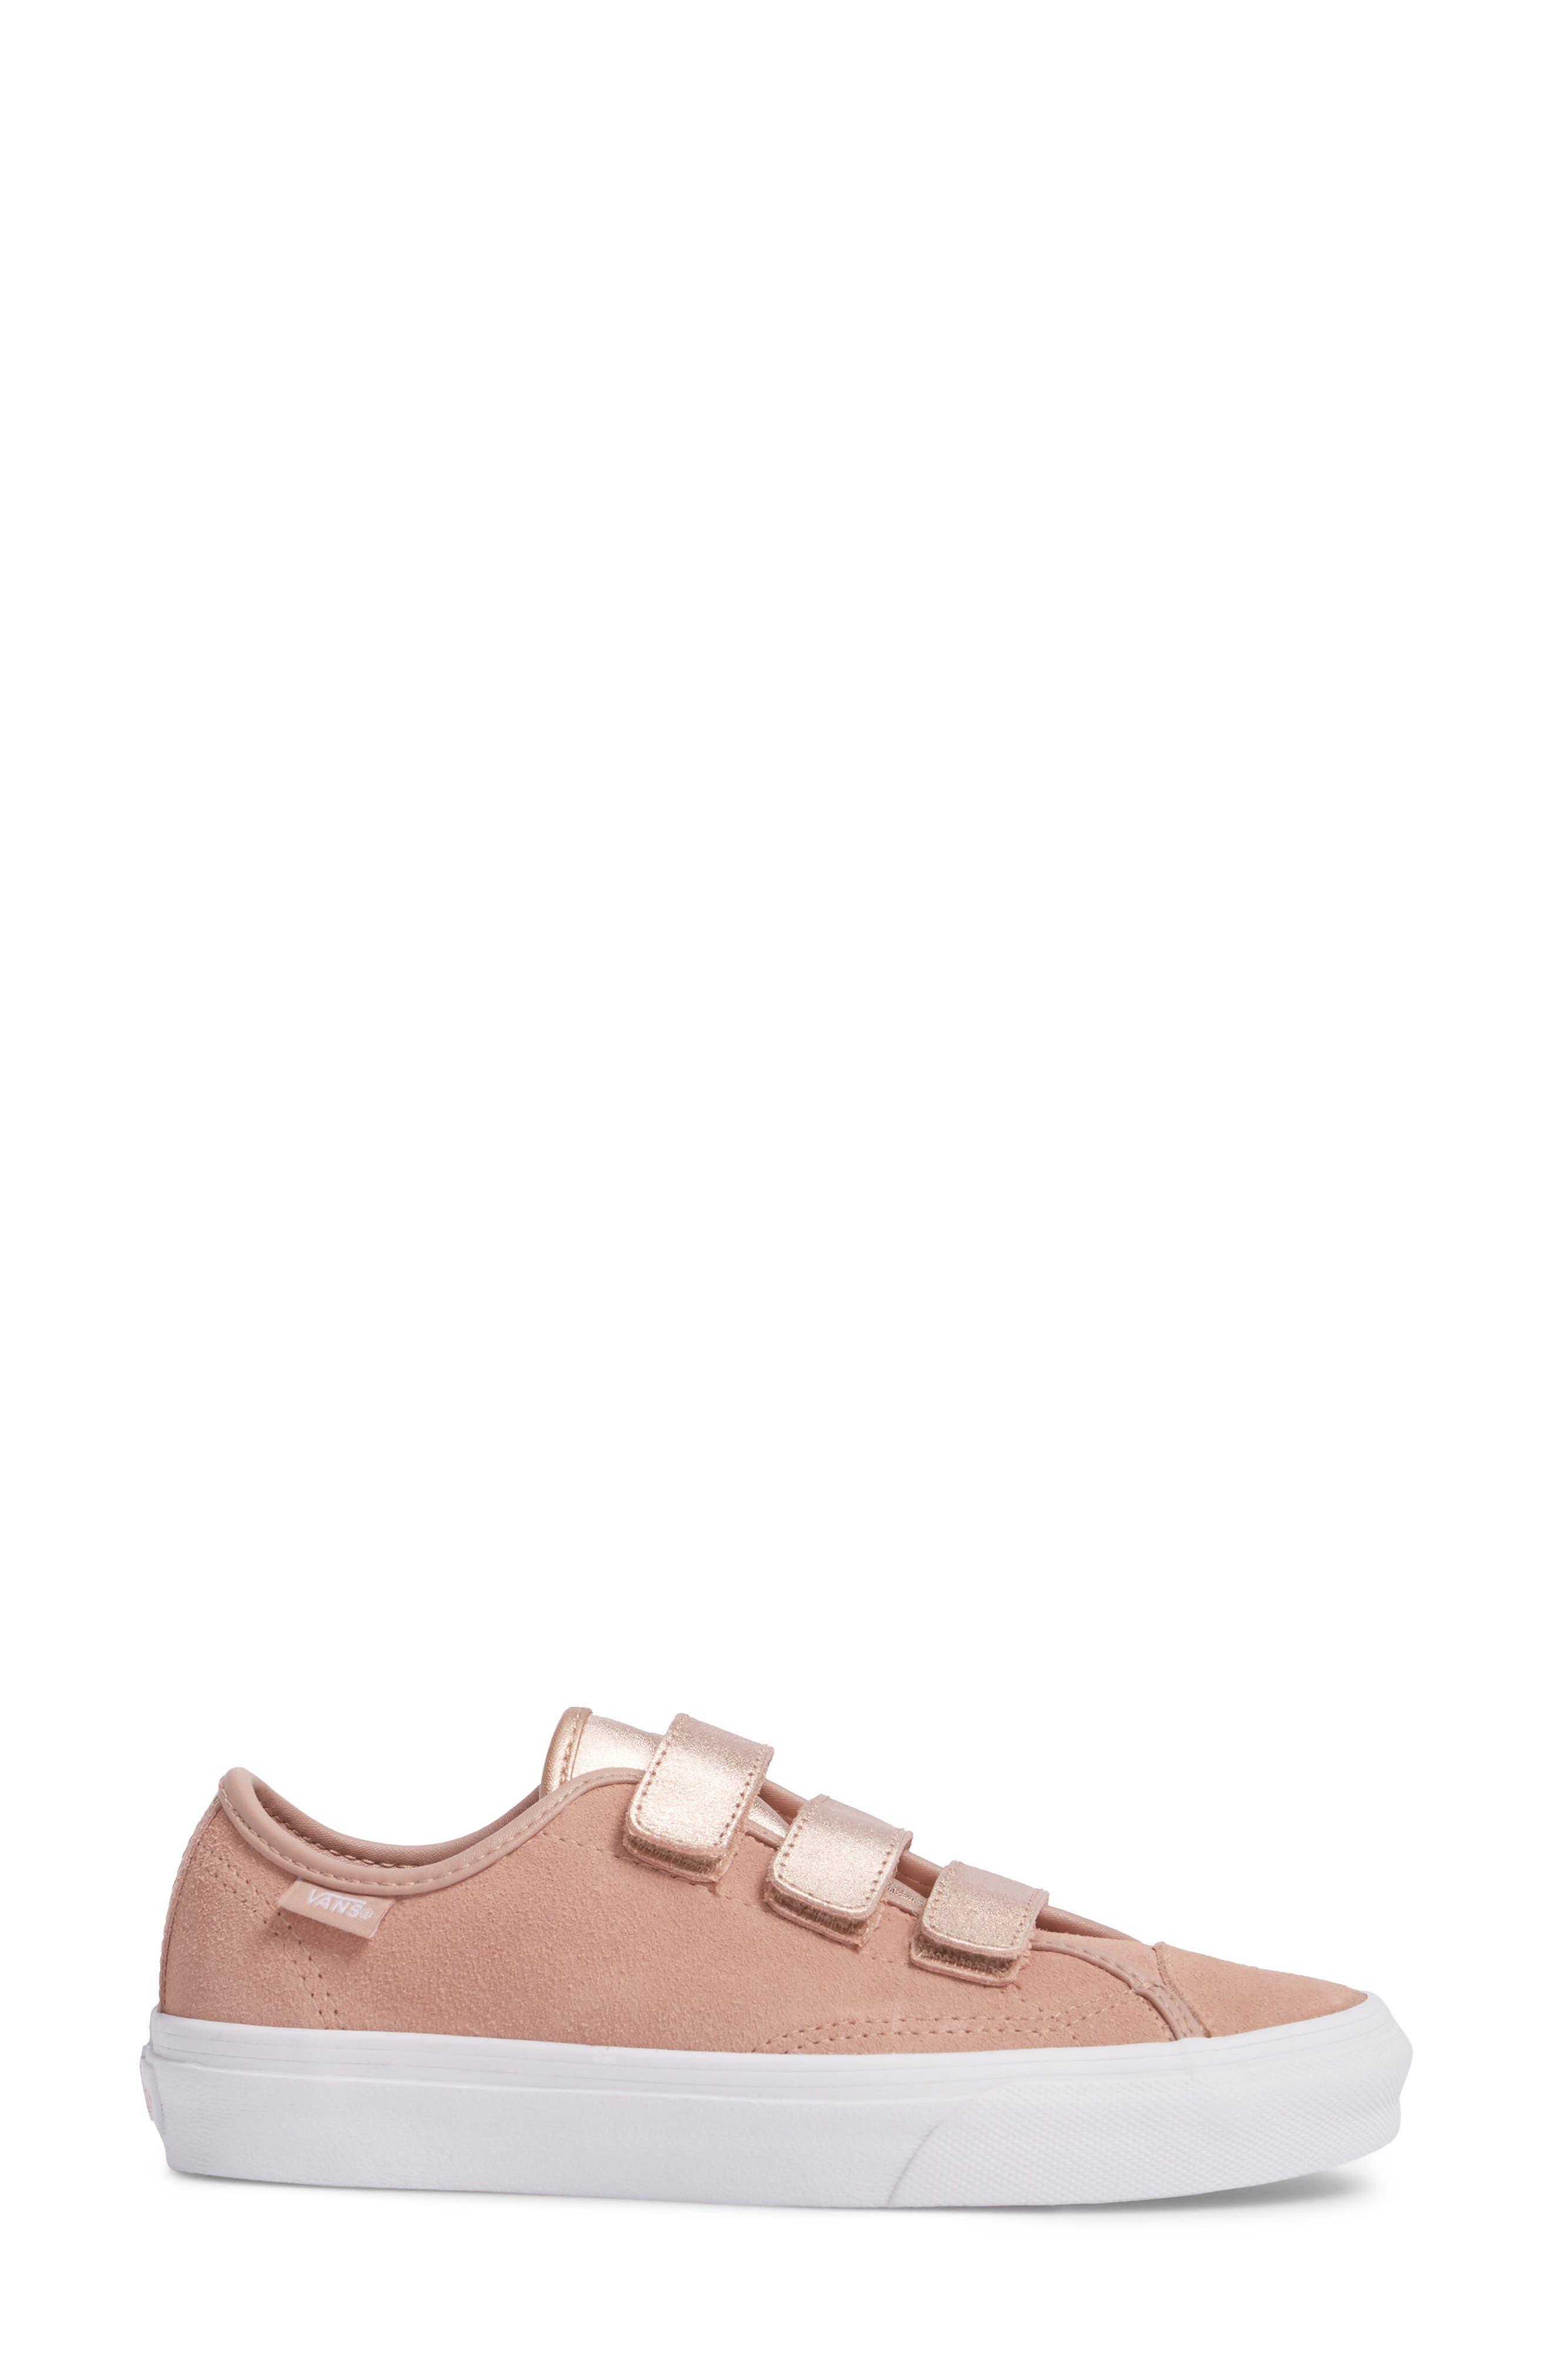 Style 23 V Sneaker,                             Alternate thumbnail 4, color,                             Mahogany Rose/ True White